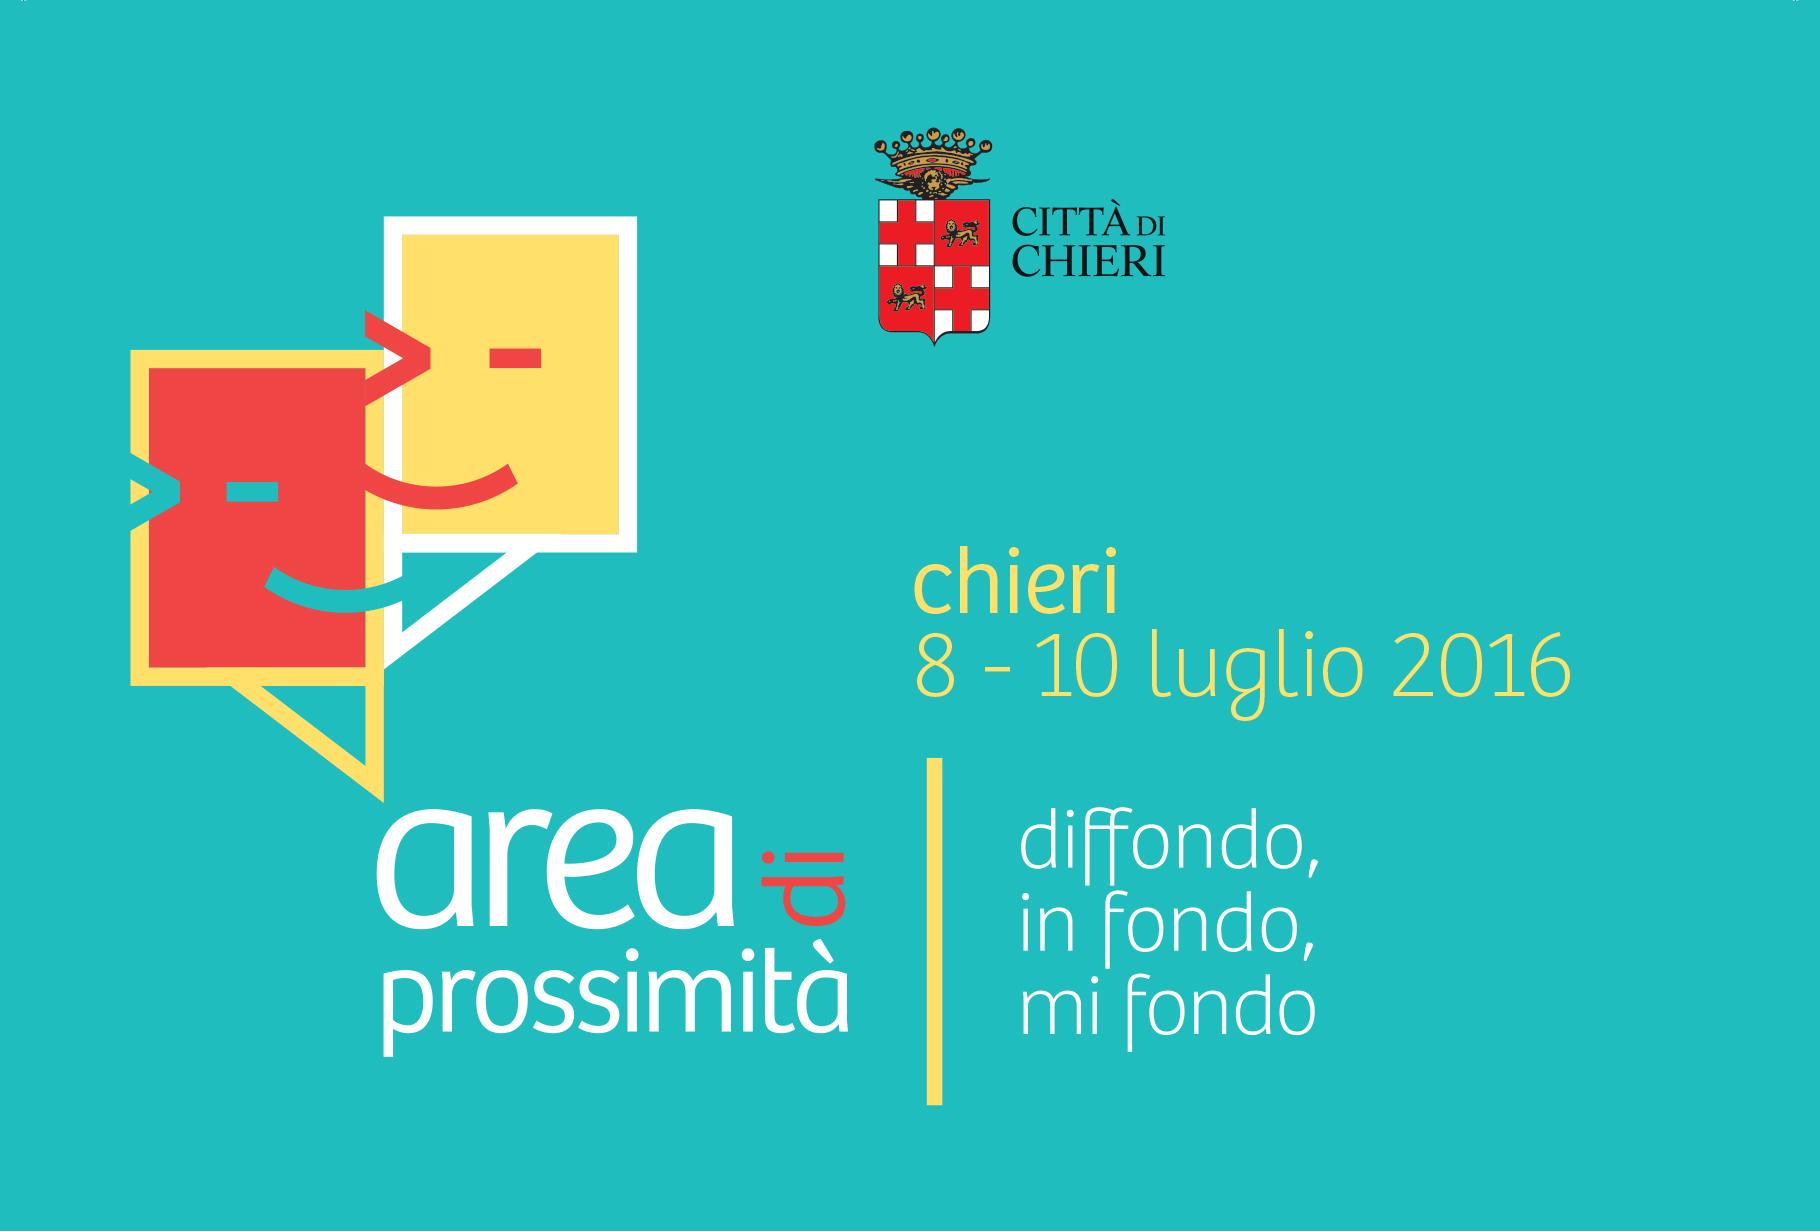 AREA di prossimità: Chieri un anno dopo il Festival Internazionale dei Beni Comuni